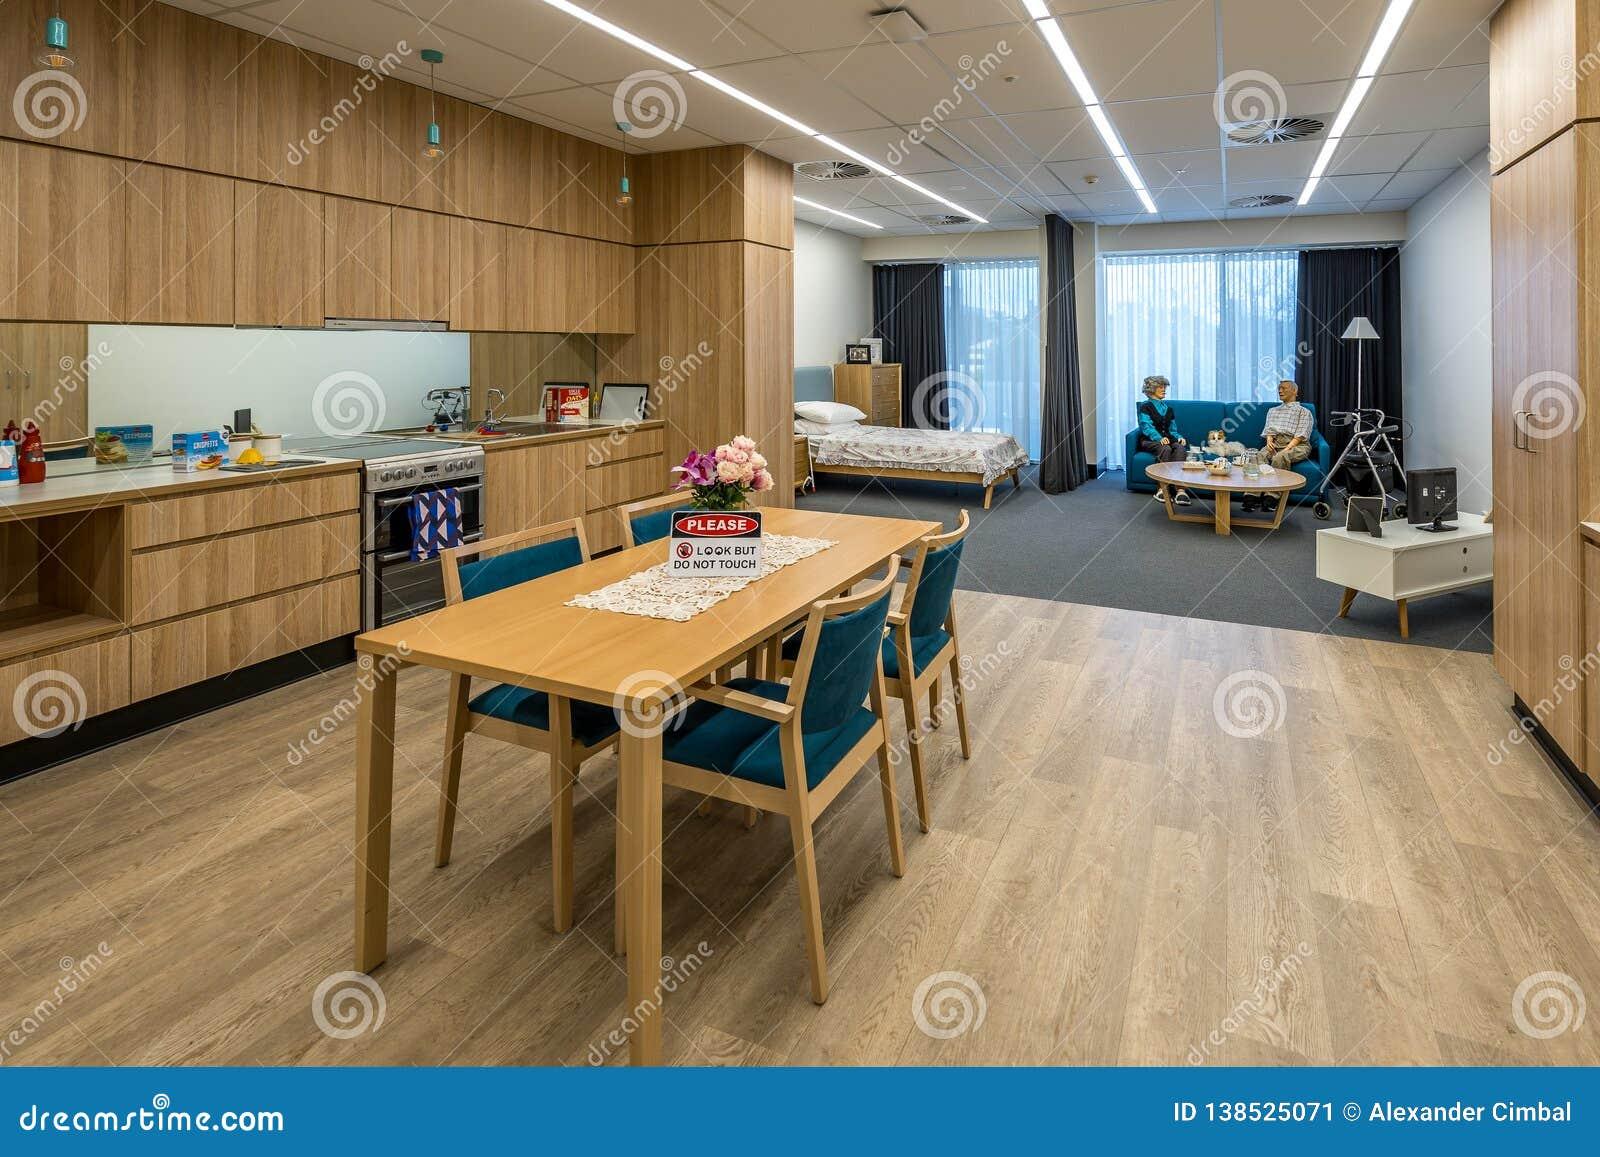 Bendigo, Victoria, Australien - Pflegehaussimulation für Studenten Bendigo TAFE